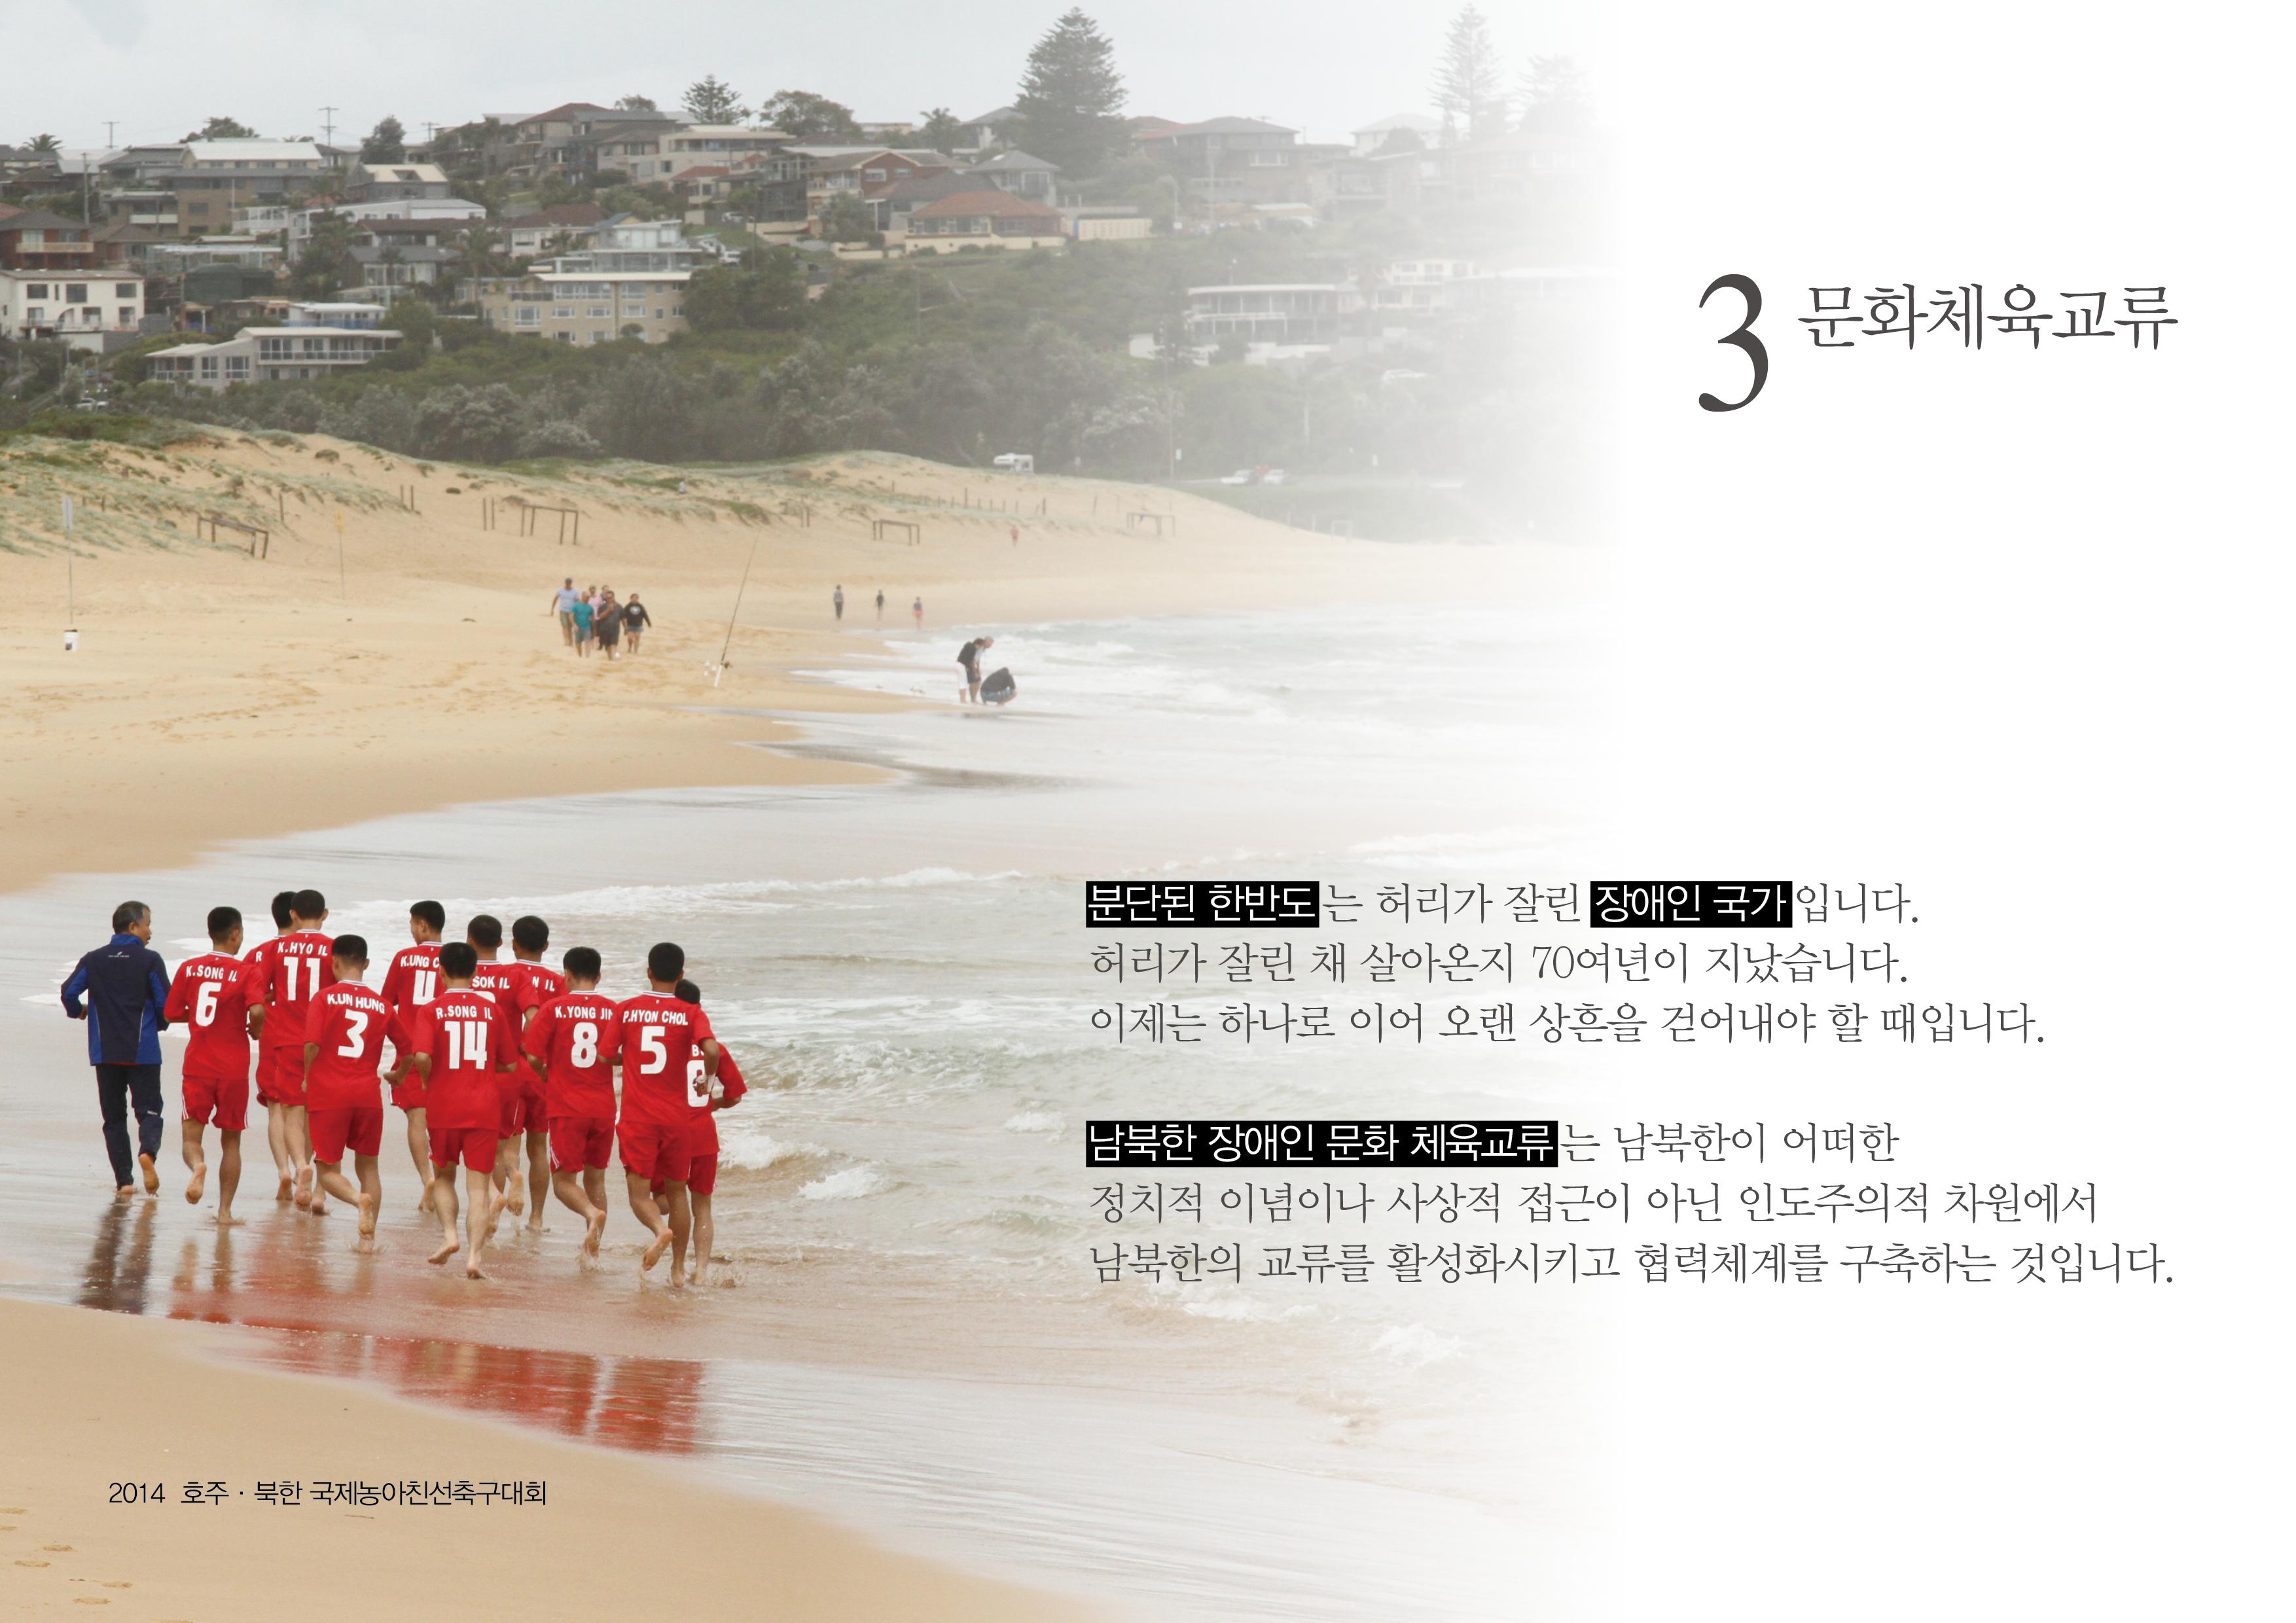 민족통일에스라운동협의회_최종15.jpg